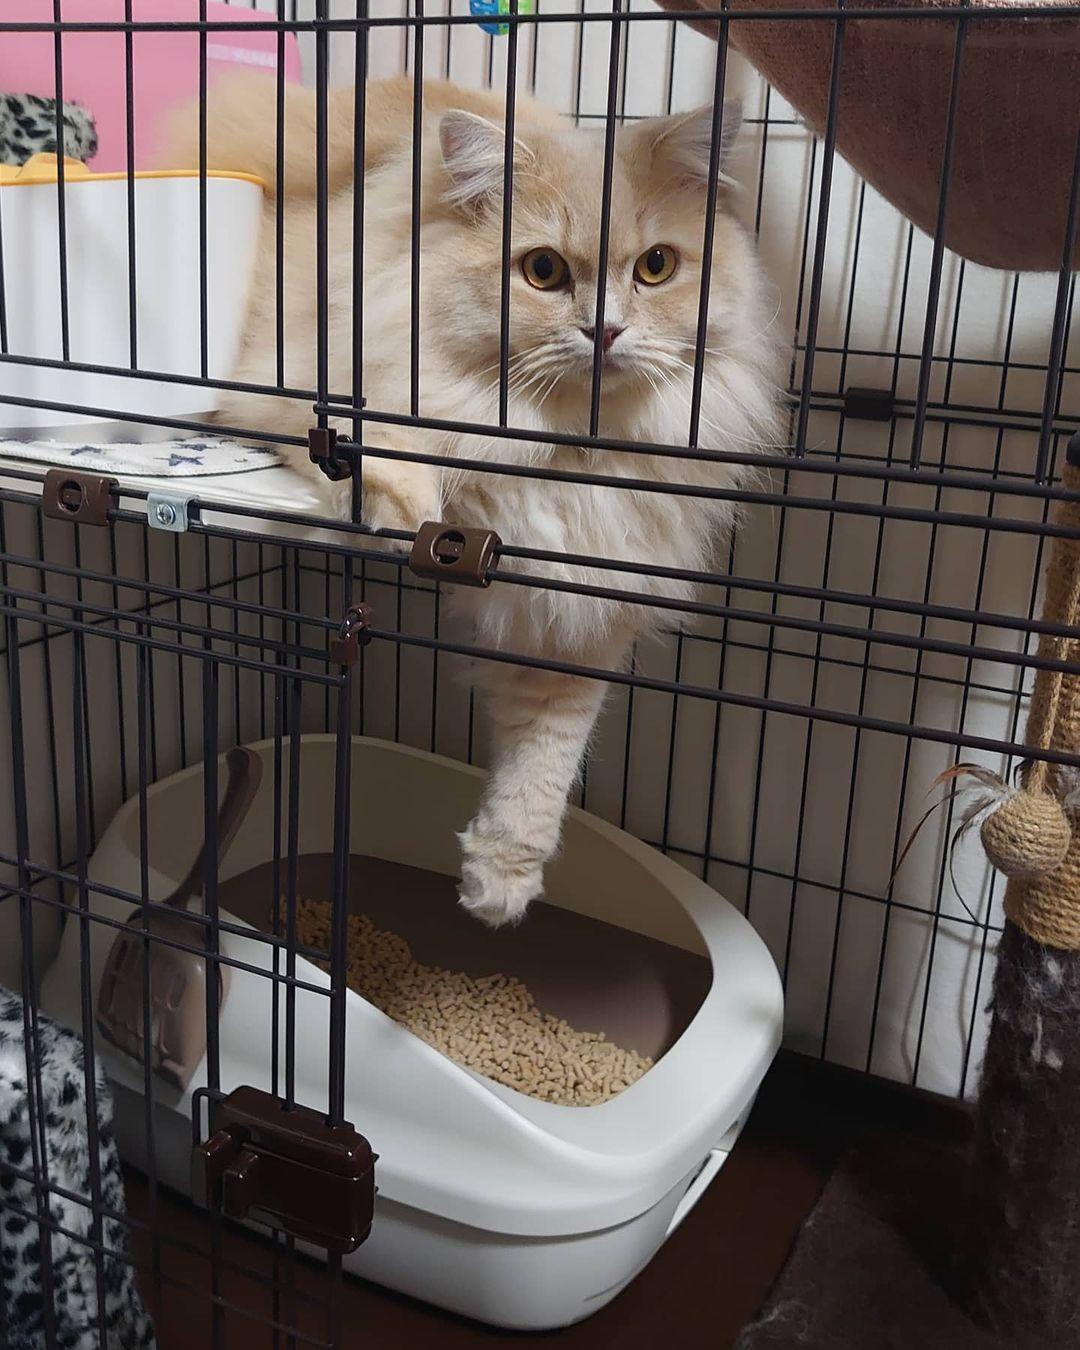 ケージに入っている可愛い猫ちゃん